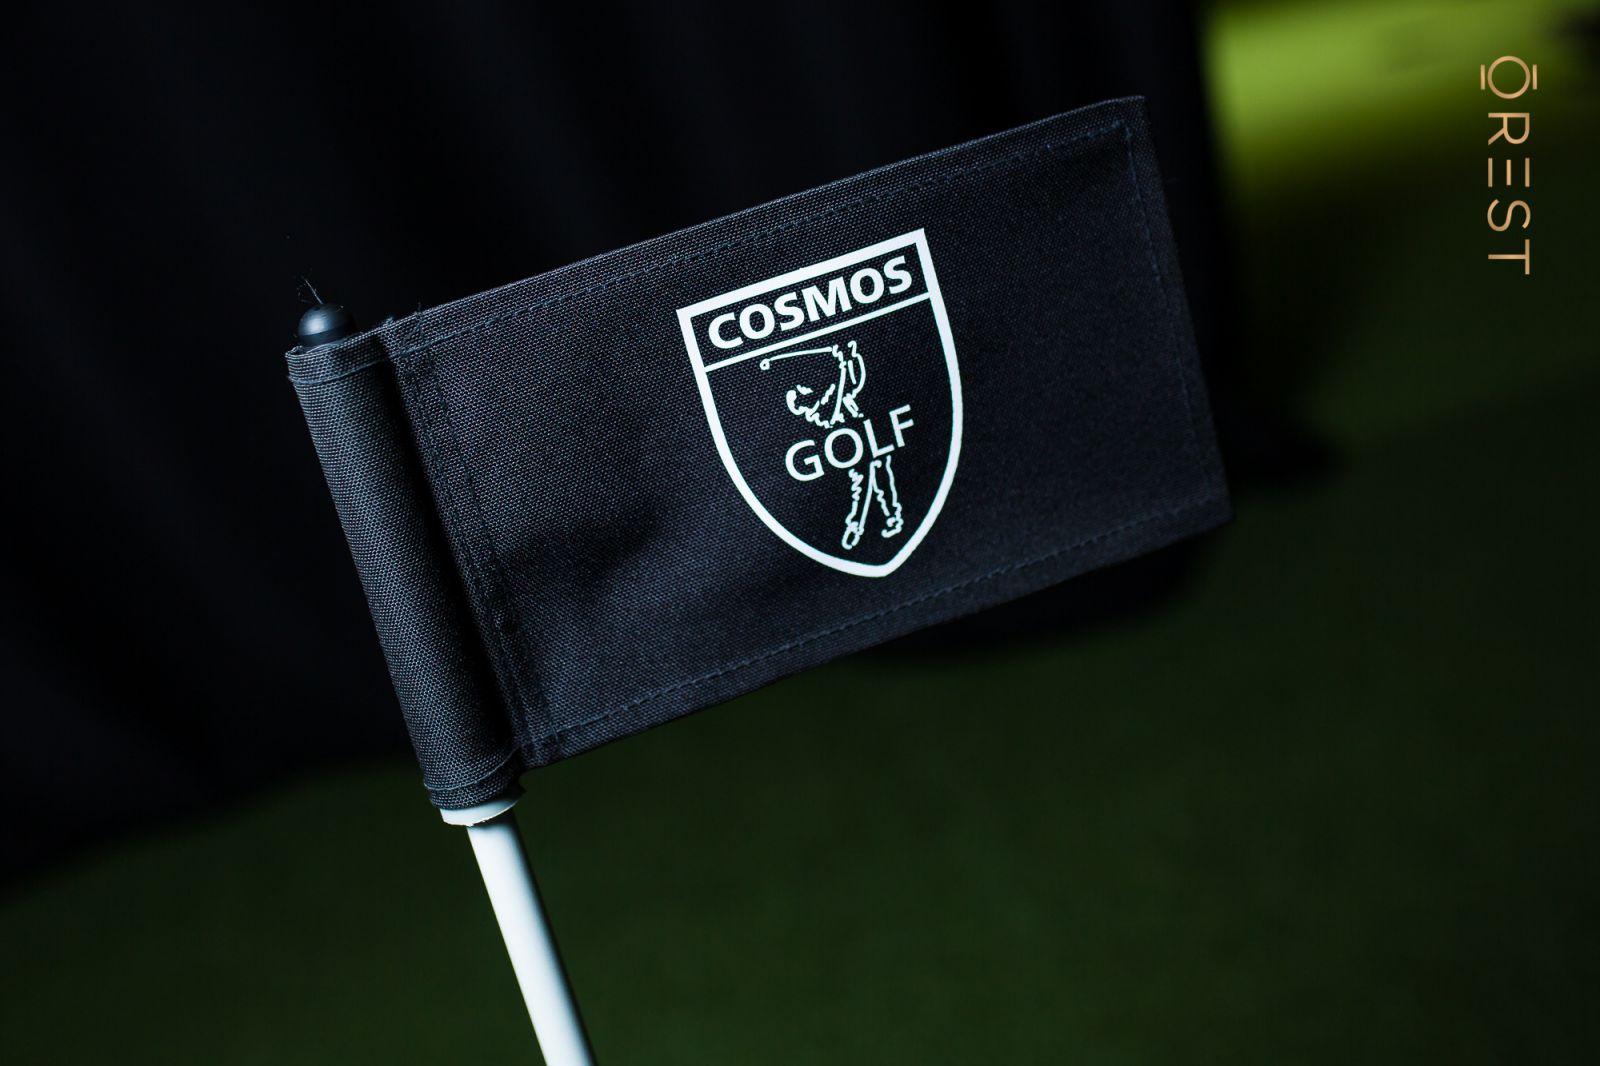 Как у Трампа и Джордана. В Киеве открылся гольф клуб COSMOS GOLF с симул...